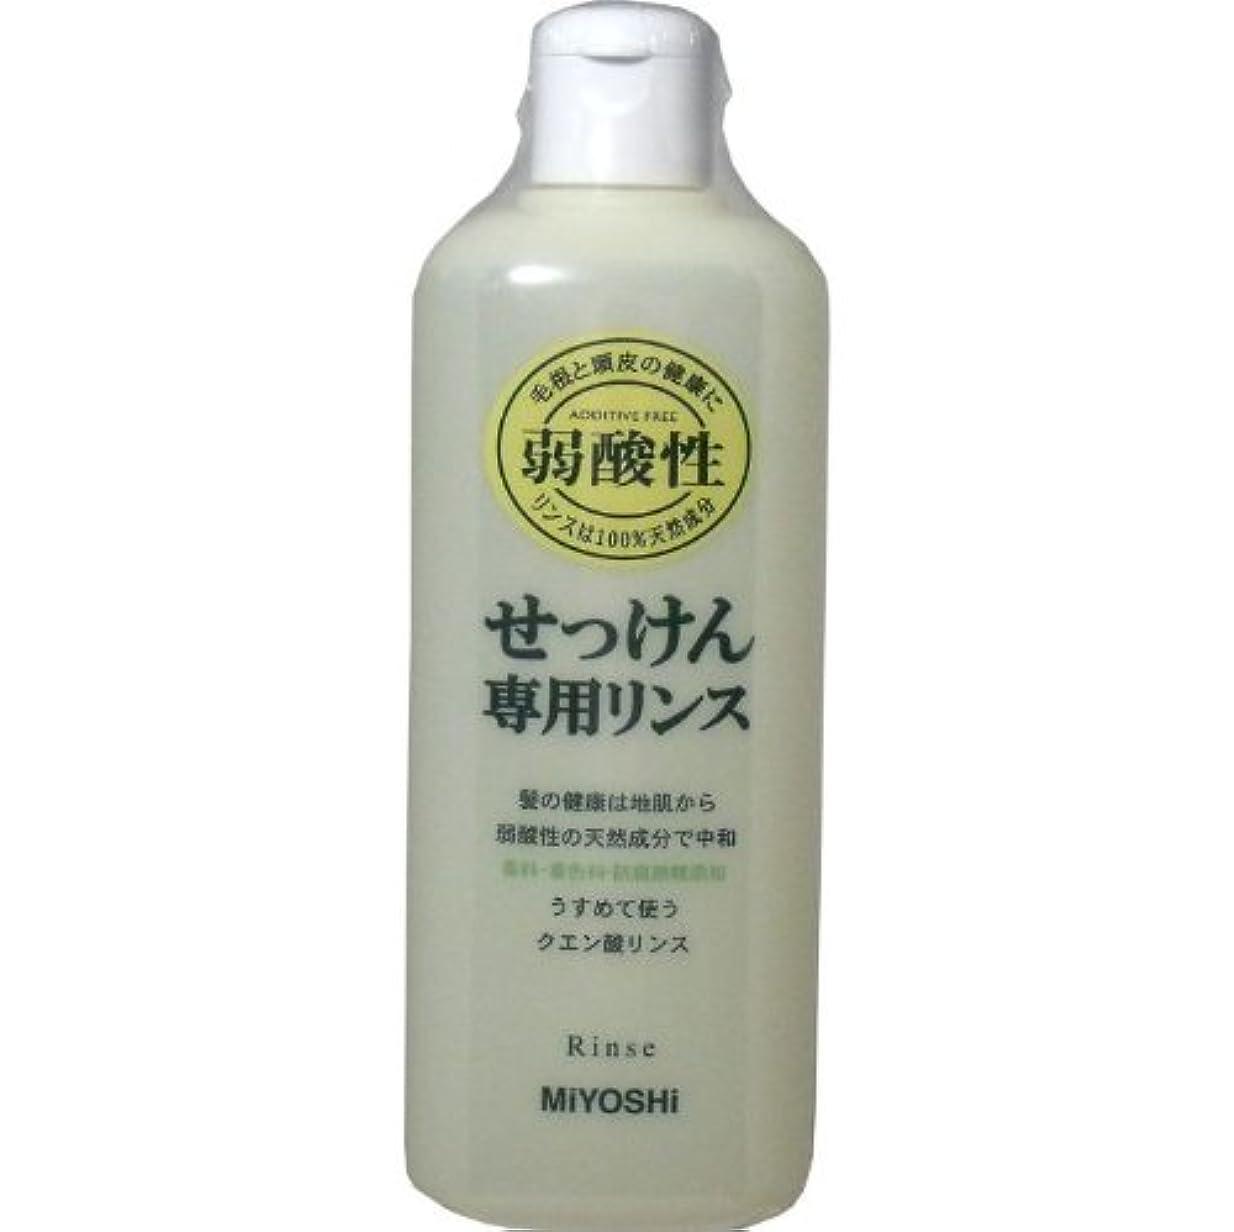 プレゼント美的対処する髪の健康は地肌から、弱酸性の天然成分で中和!!香料、防腐剤、着色料無添加!うすめて使うクエン酸リンス!リンス 350mL【3個セット】